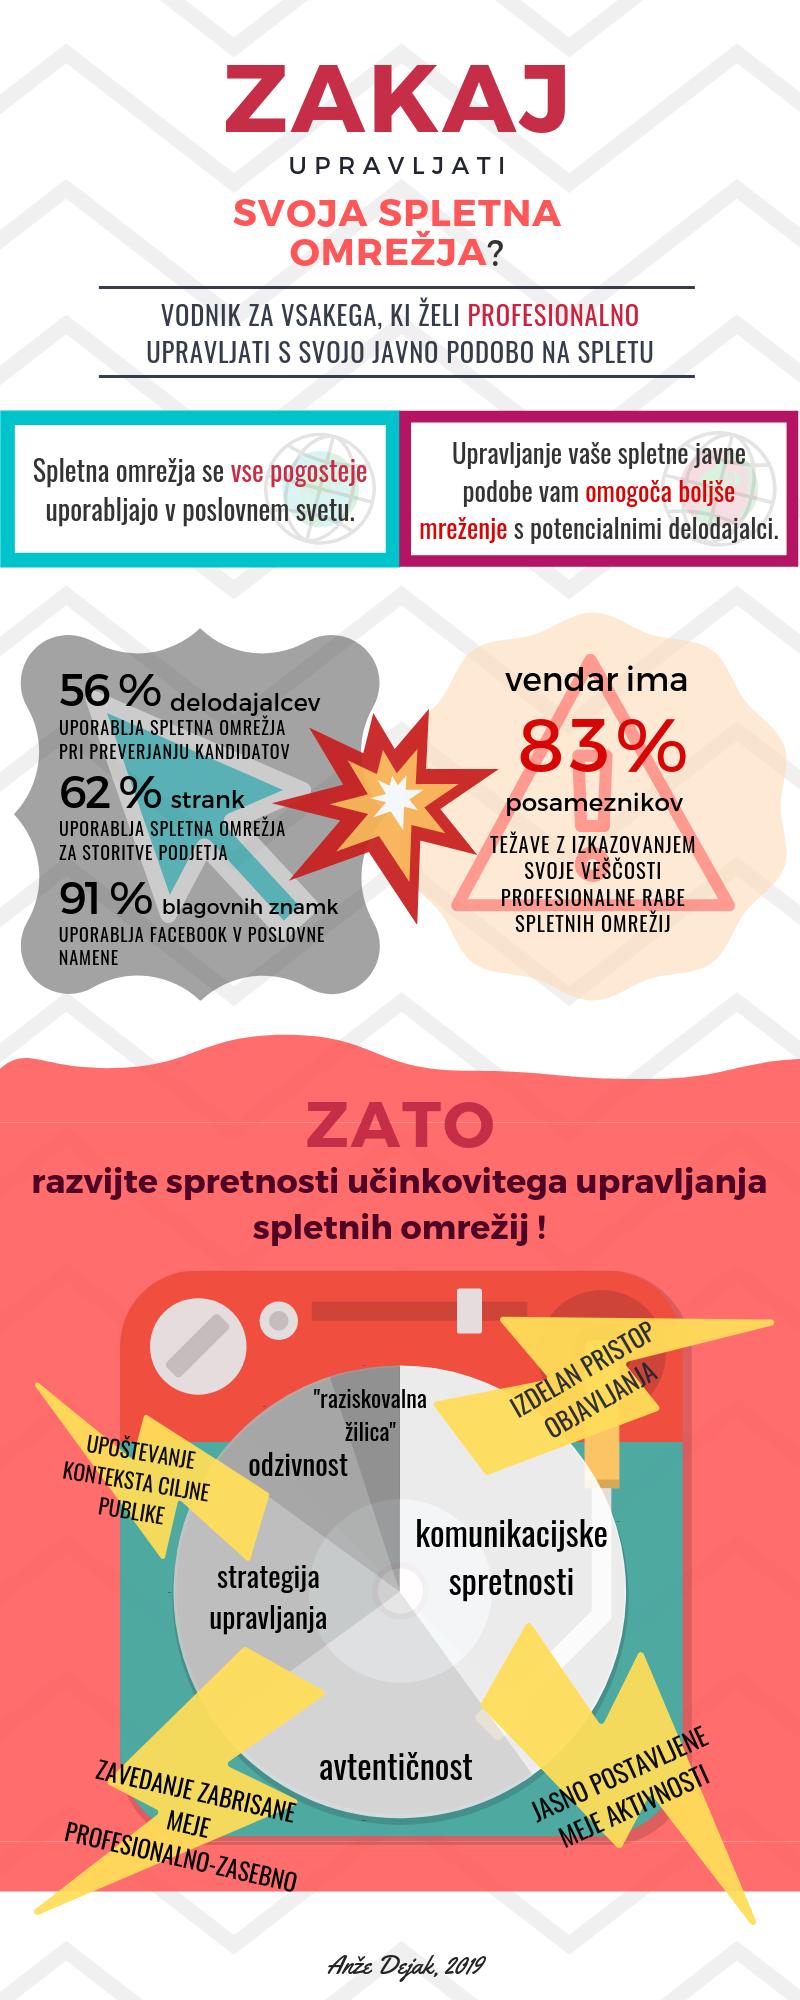 upravljanje_spletnih_omrežij_infografika_dejak